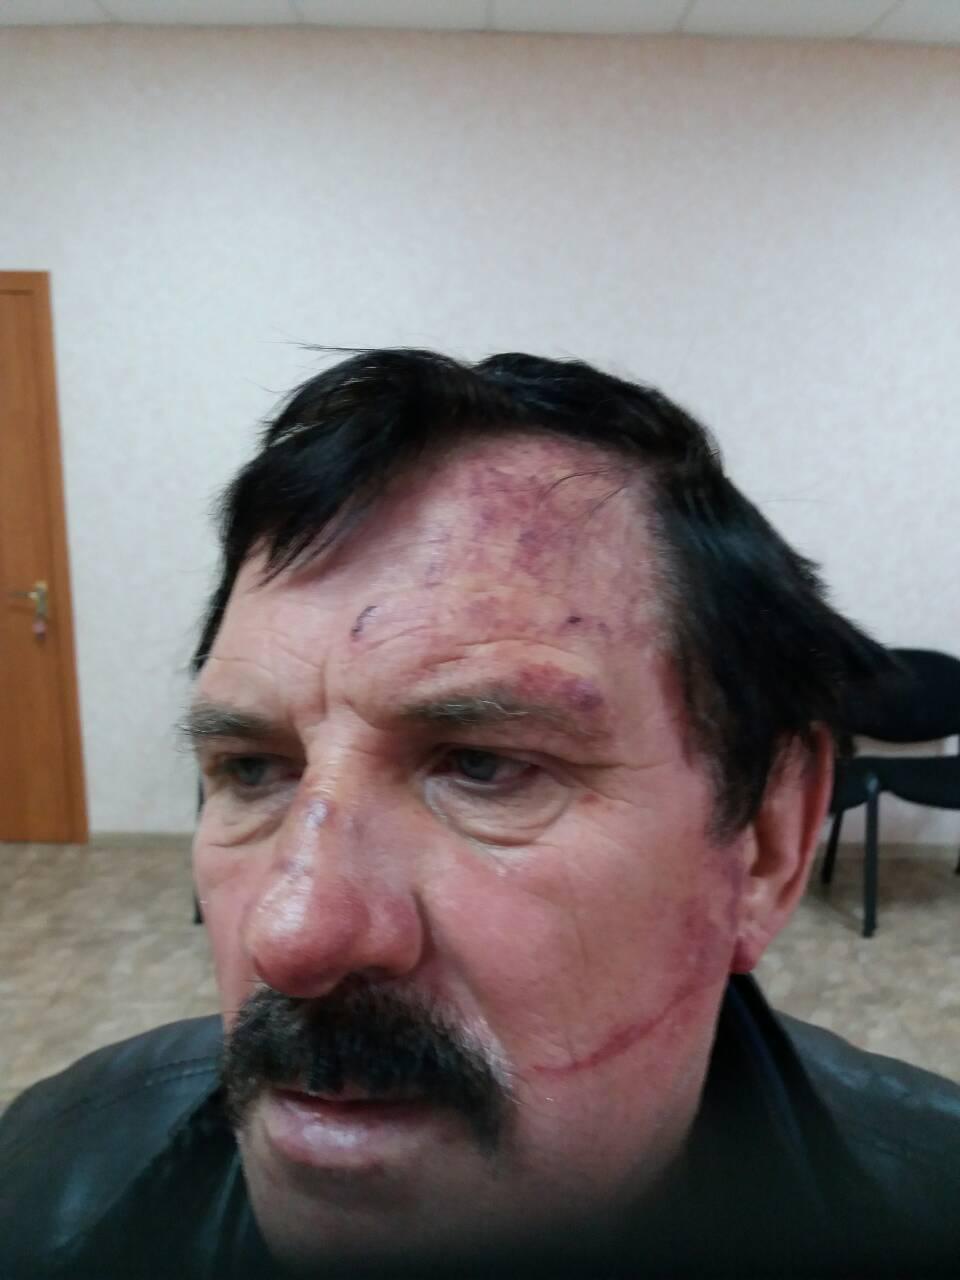 Драка в Барвенково: Против военкома открыто уголовное дело (ФОТО)